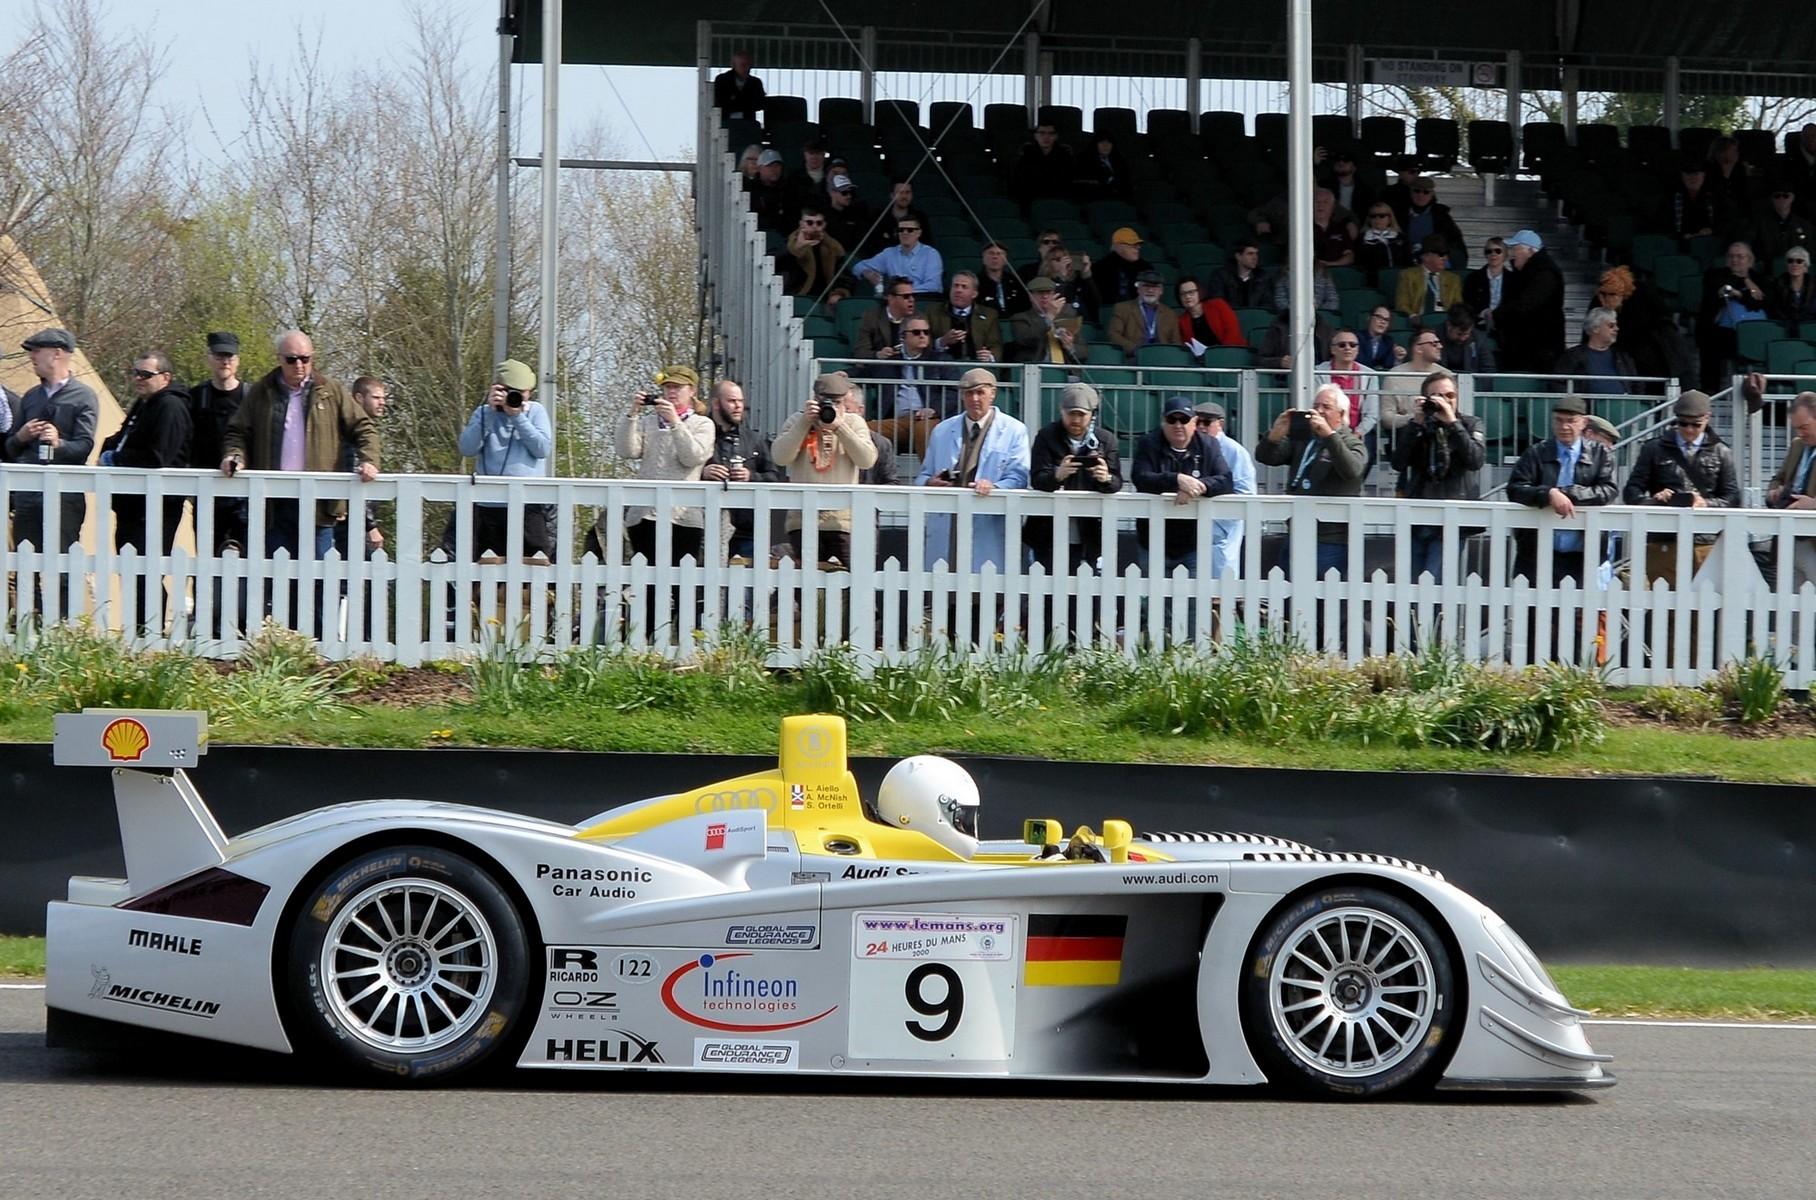 Продается один из легендарных Audi, побеждавших в Ле-Мане 20 лет назад